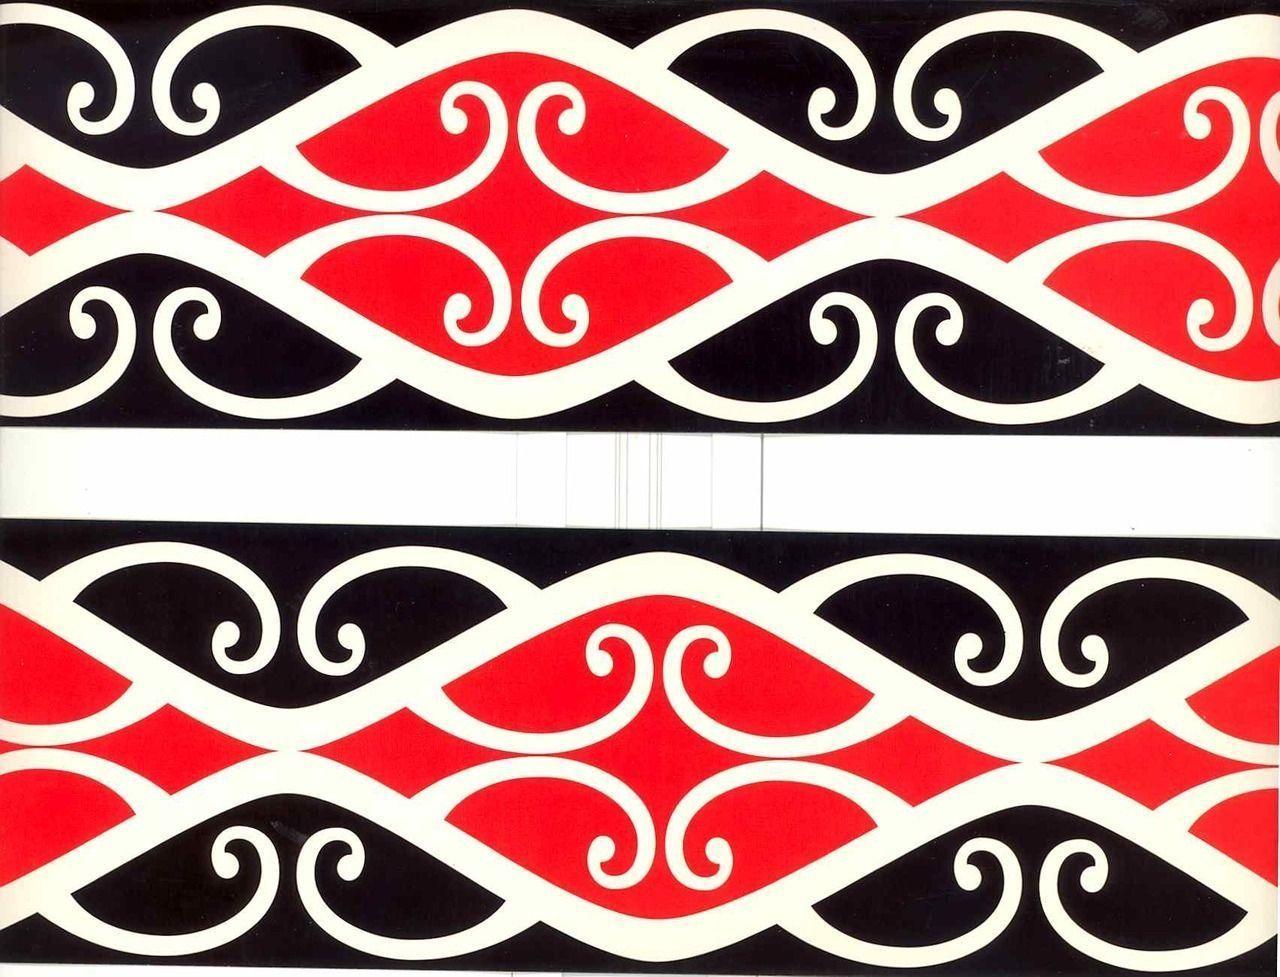 Samoan wrist bands tattoos samoantattoosband samoan tattoos